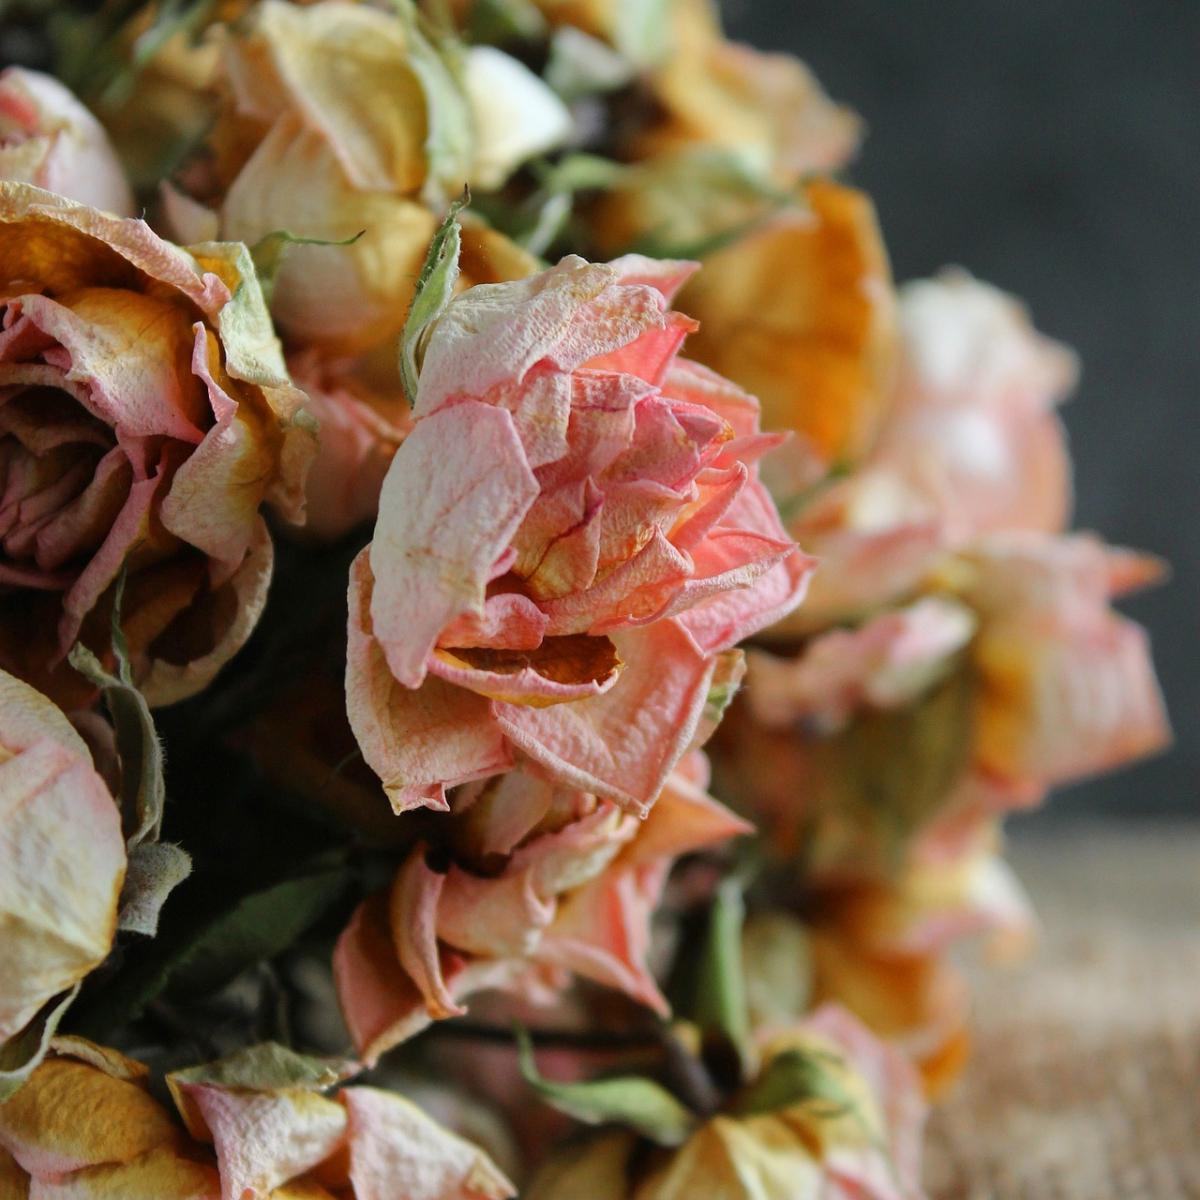 flower-1225811_1920.jpg